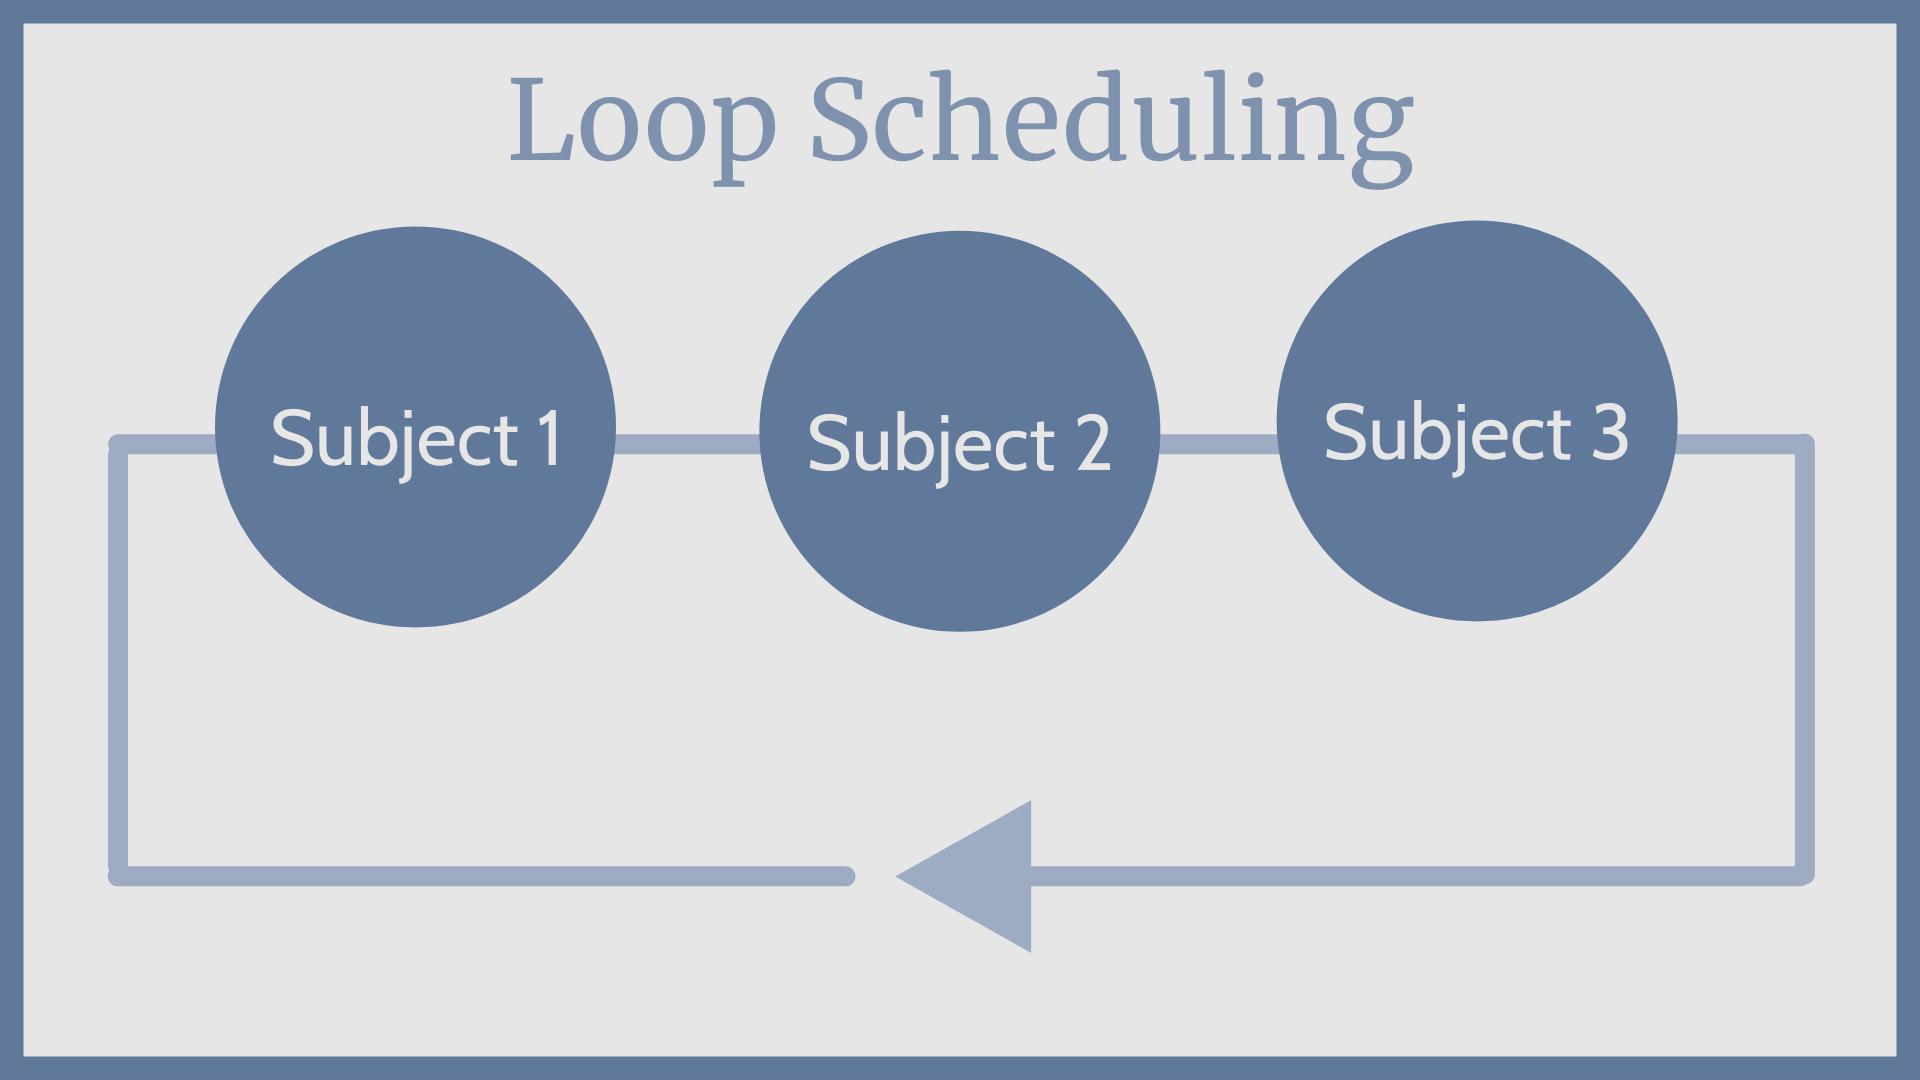 Loop Scheduling Graphic for Homeschool Schedules